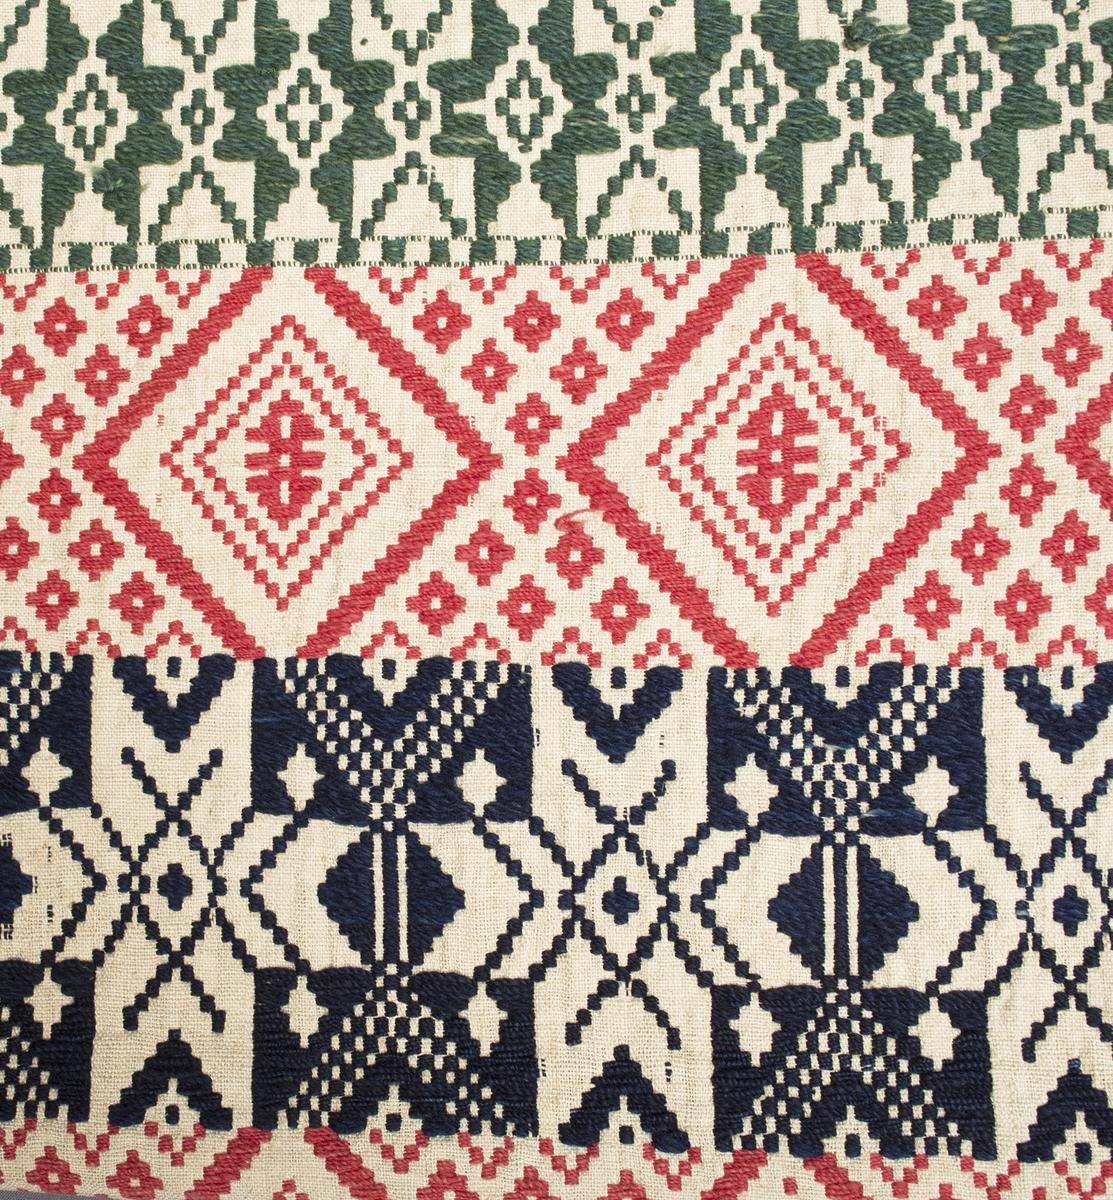 """Täcke vävt i opphämta. Randig mittspegel med rött, mörkblått eller grönt mönster på ljus tuskaftsbotten i halvblekt linne. Bårder av stjärnor och rutor, rutraderna i rött, stjärnraderna varannnan grön, varannan mörkblå. Grön mönsterbård i kortsidorna med spetsuddiga stjärnor, ca 80 mm bred. Bård i långsidorna i mörkblått, 40 mm bred. Mellan bården i långsidorna och mittspegeln löper en 8 mm smal rand i bottenfärgen. Täcket är ihopsytt på mitten av två delar med färgpassning trots halvornas olika längd. Mittsömmen är sydd med efterstygn i 2-trådigt s-tvinnat lingarn. Smal fåll i kortsidorna, stadkanter i långsidorna.Varp i halvblekt 1-trådigt z-spunnet lingarn, 14 trådar/cm.Botteninslag samma som varpgarnet, 10 inslag/cm.Mönsterinslag i 2-trådigt z-tvinnat ullgarn, 10 inslag/cm.Lappad med en liten tygbit i stadkanten 20x70 mm, mönstret är där inbroderat med blått bomullsgarn.Märkt på baksidan med påsydd tyglapp med texten: """"Landstinget n° 127 a Ljunits."""" Intill finns rester av en fastsydd pappersetikett från Malmöhus läns Hemslöjdsmagasin, Malmö. Täcket är också märkt med ett fastnästat bomullsband med texten: """"8356 MALSÄKR. 6/10""""."""